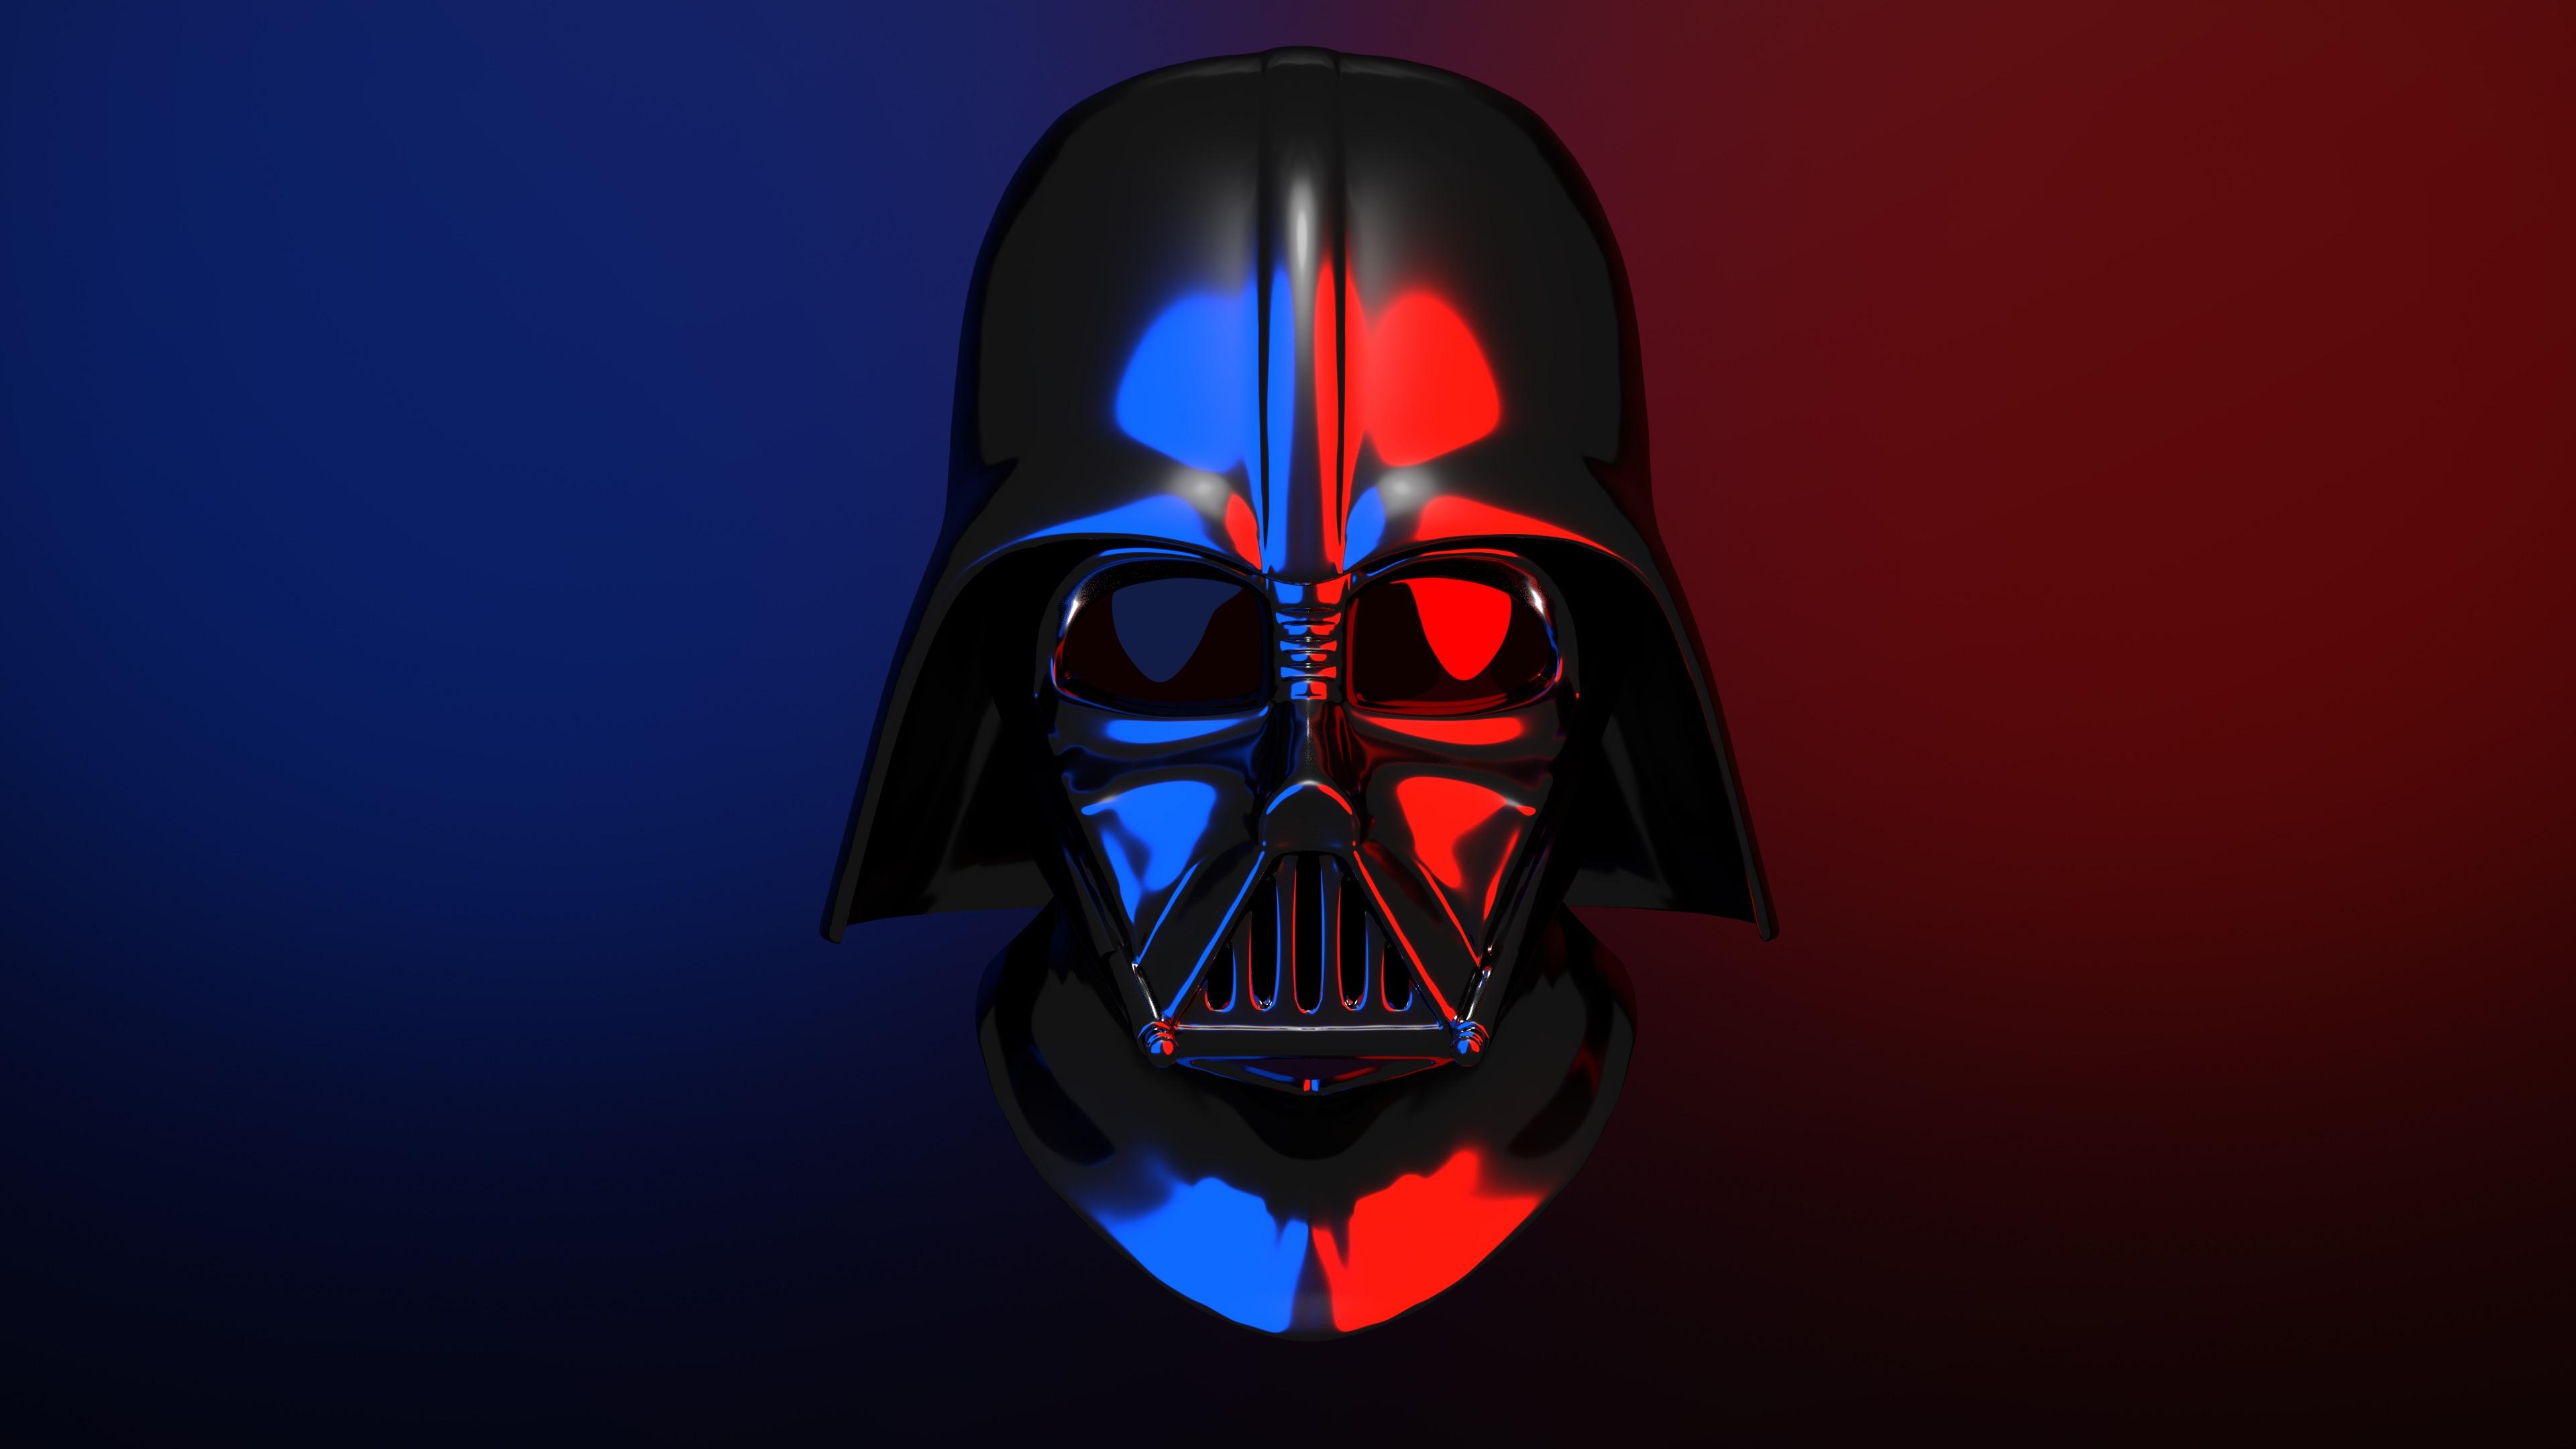 3840x2160 Darth Vader Star Wars Digital Artwork 4k Wallpaper Hd